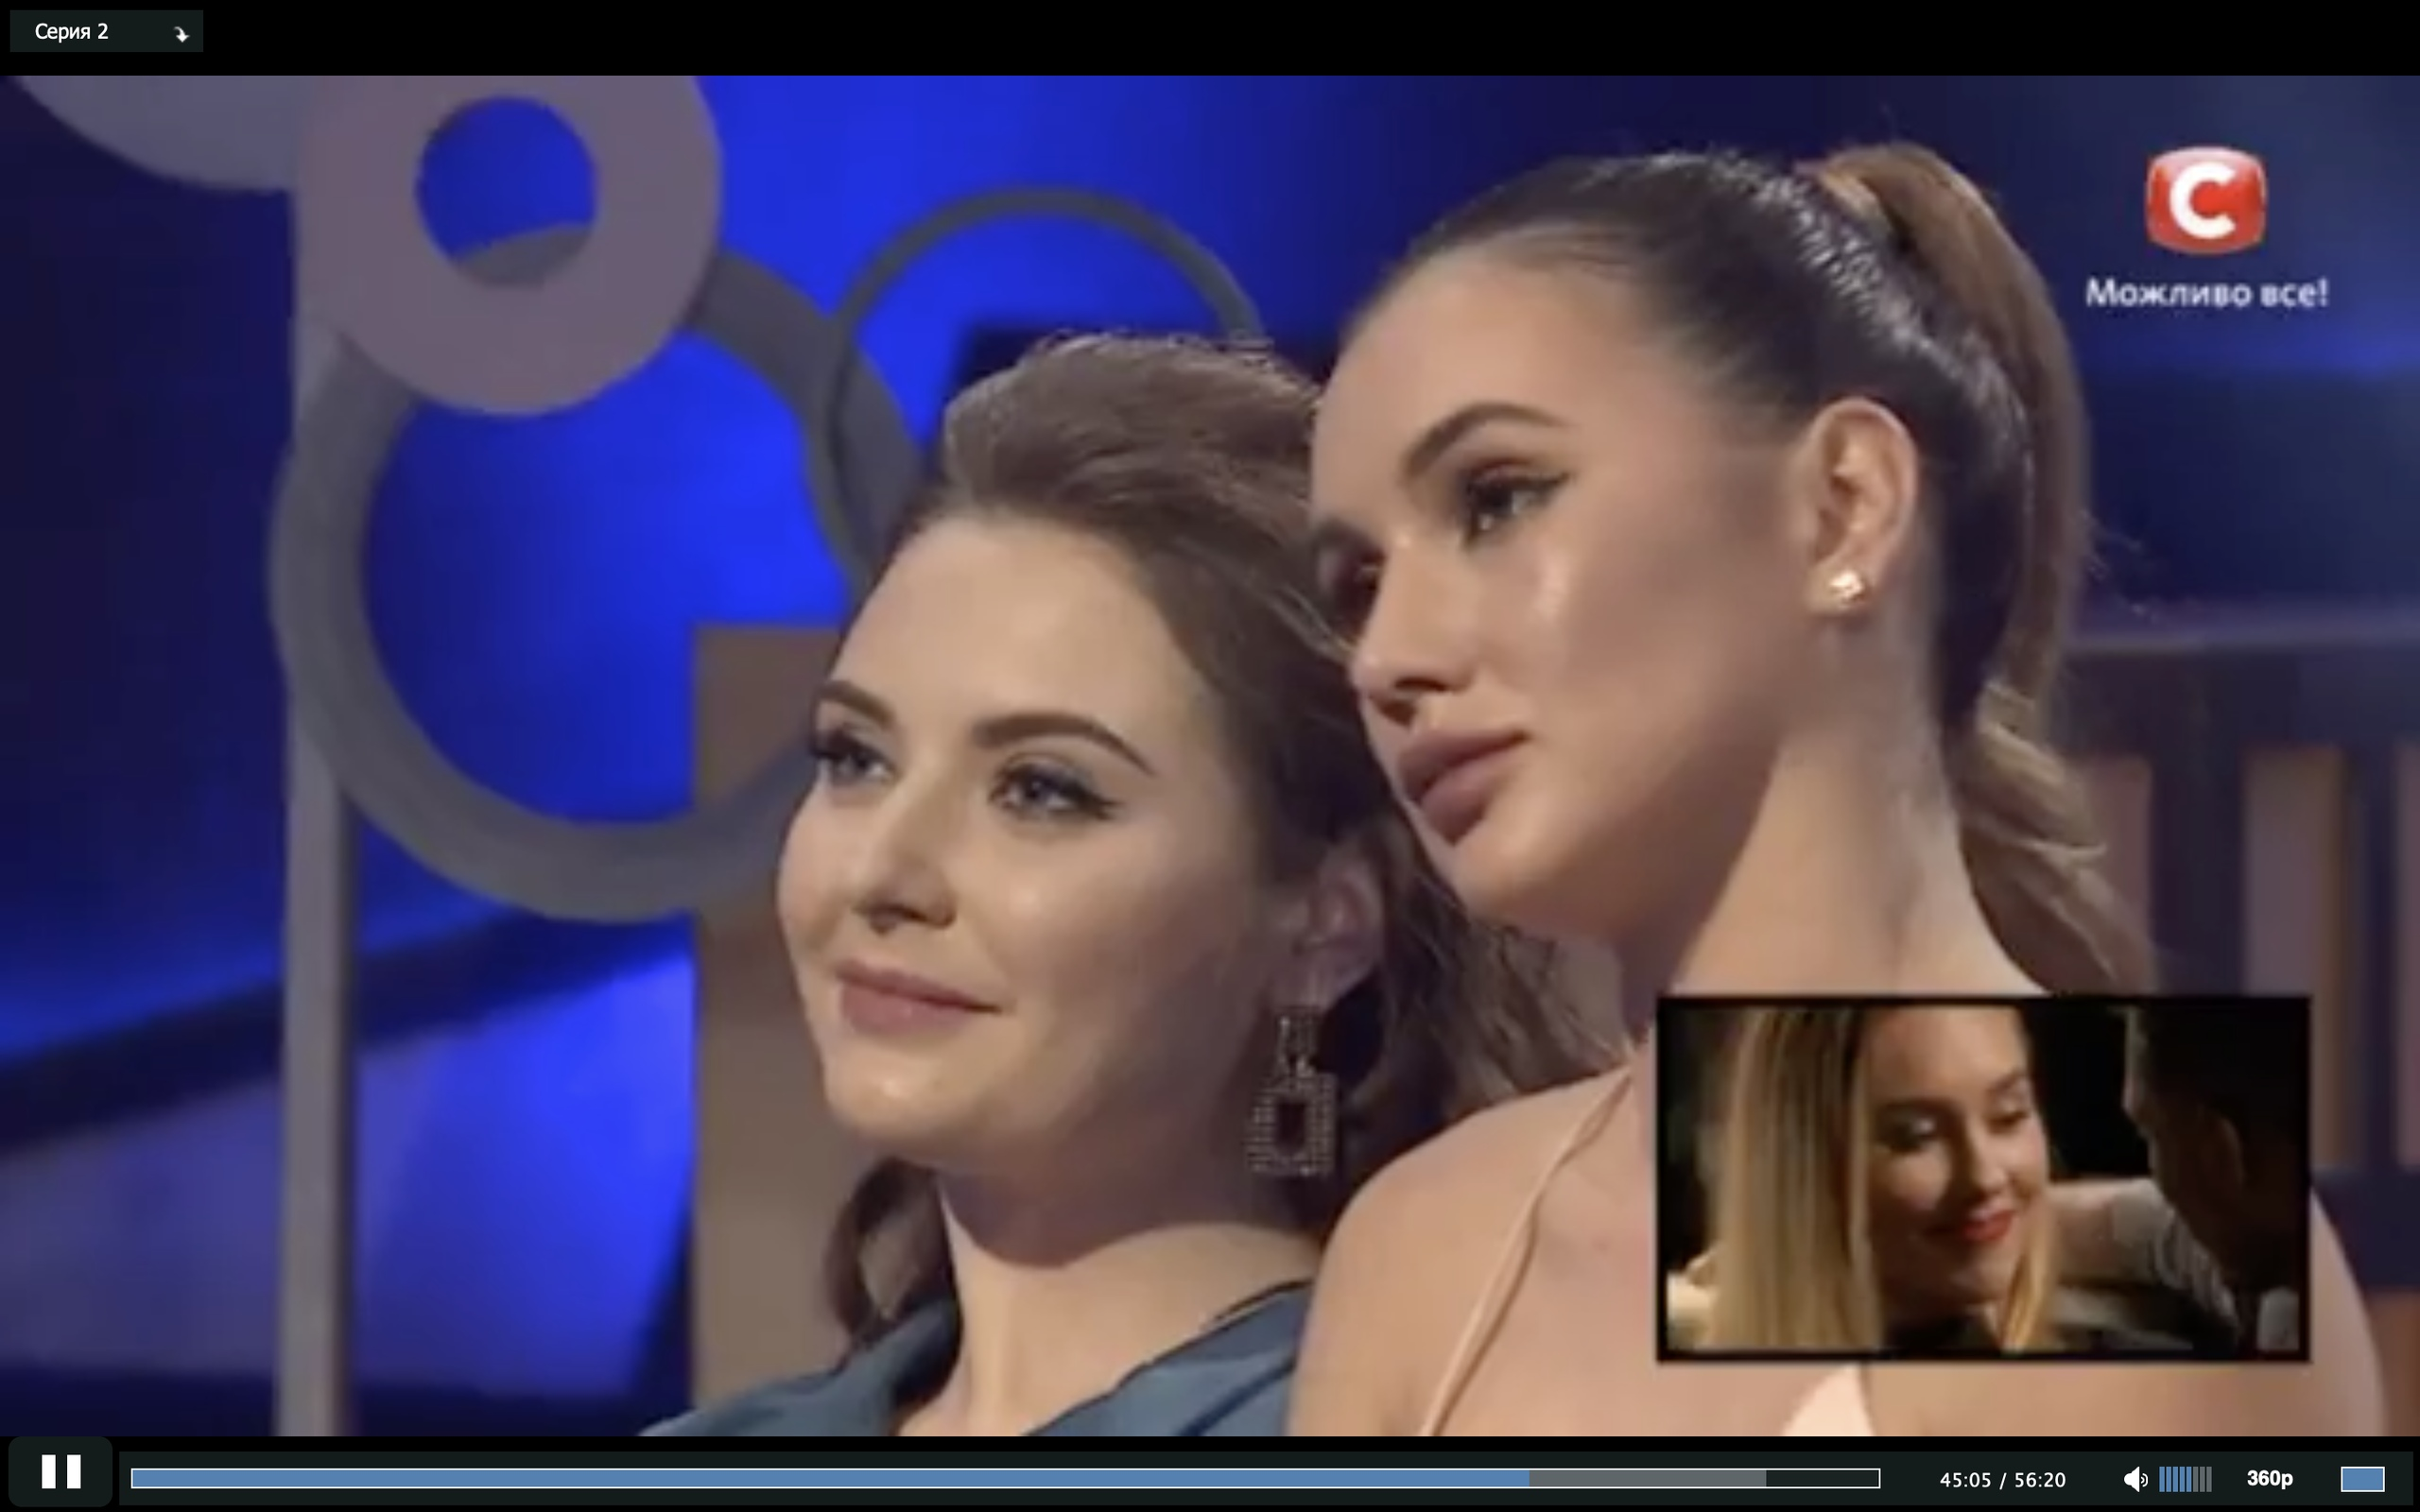 Bachelor Ukraine - Season 9 - Nikita Dobrynin - *Sleuthing Spoilers* - Page 14 Ooq5UIrxn3A